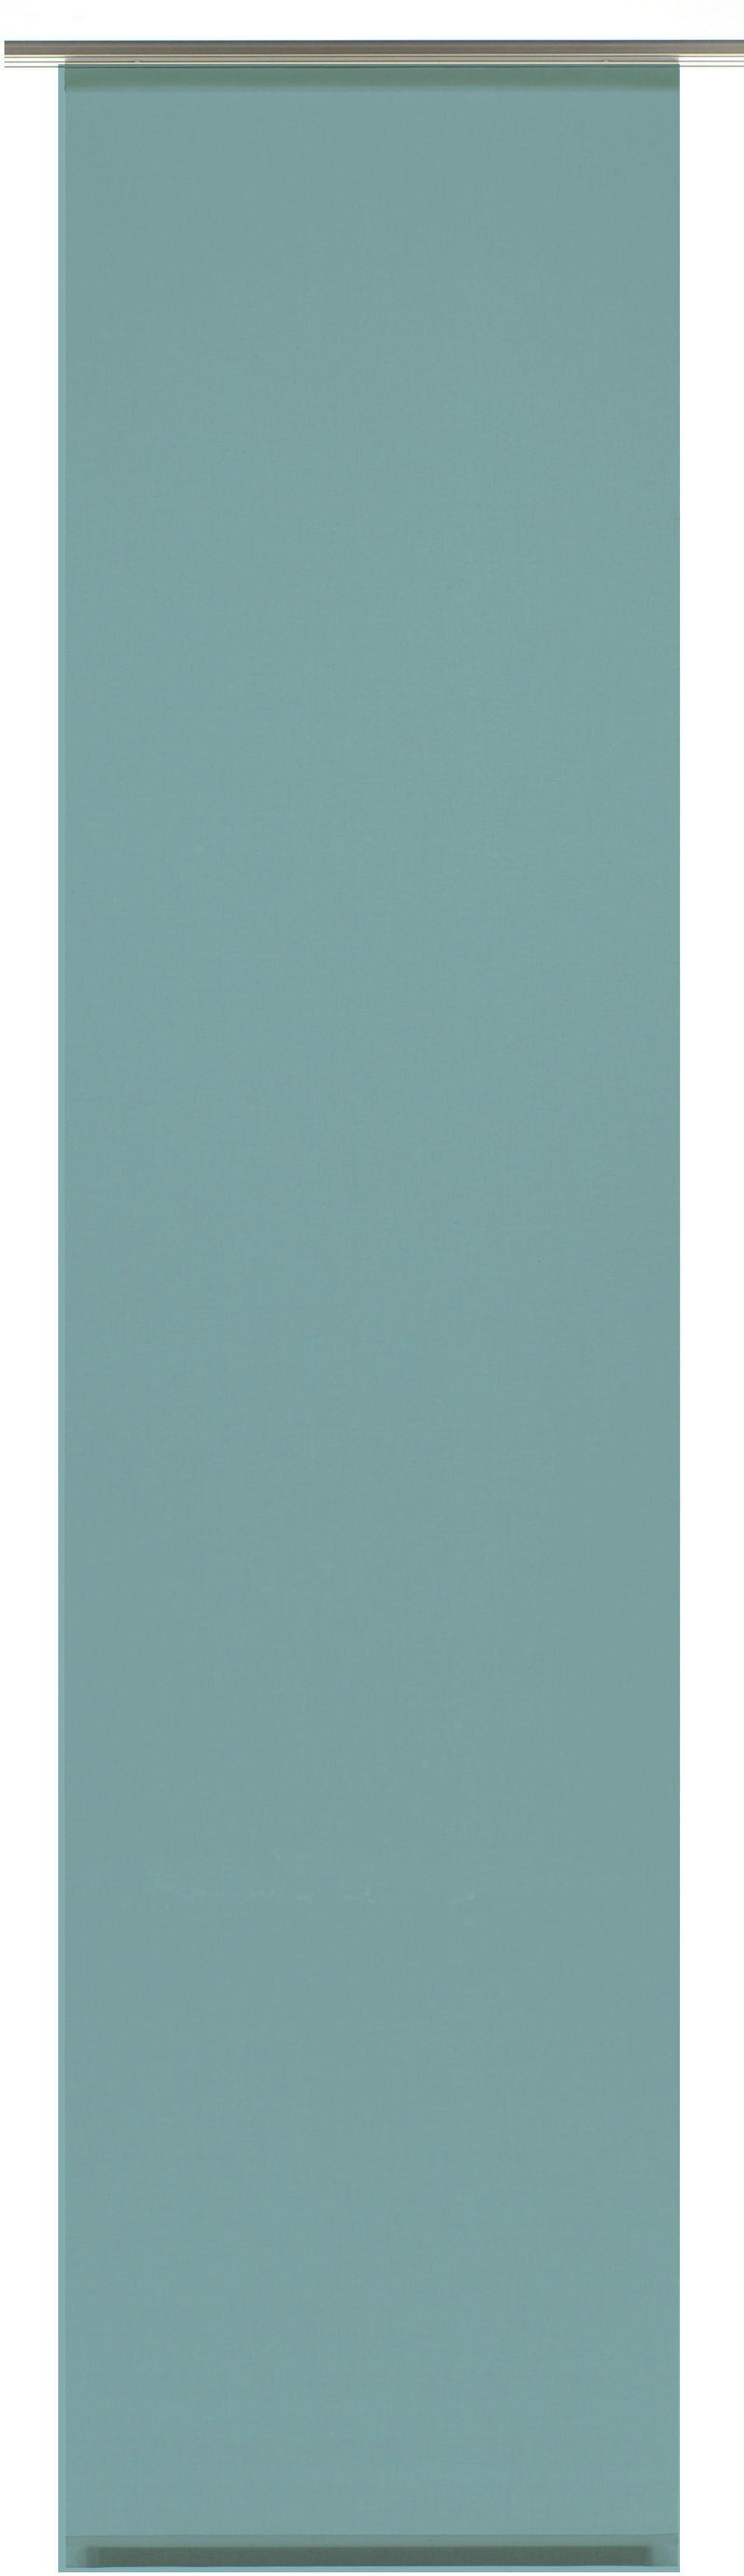 GARDINIA paneelgordijn stof uni HxB: 245x60 (1 stuk) bestellen: 30 dagen bedenktijd